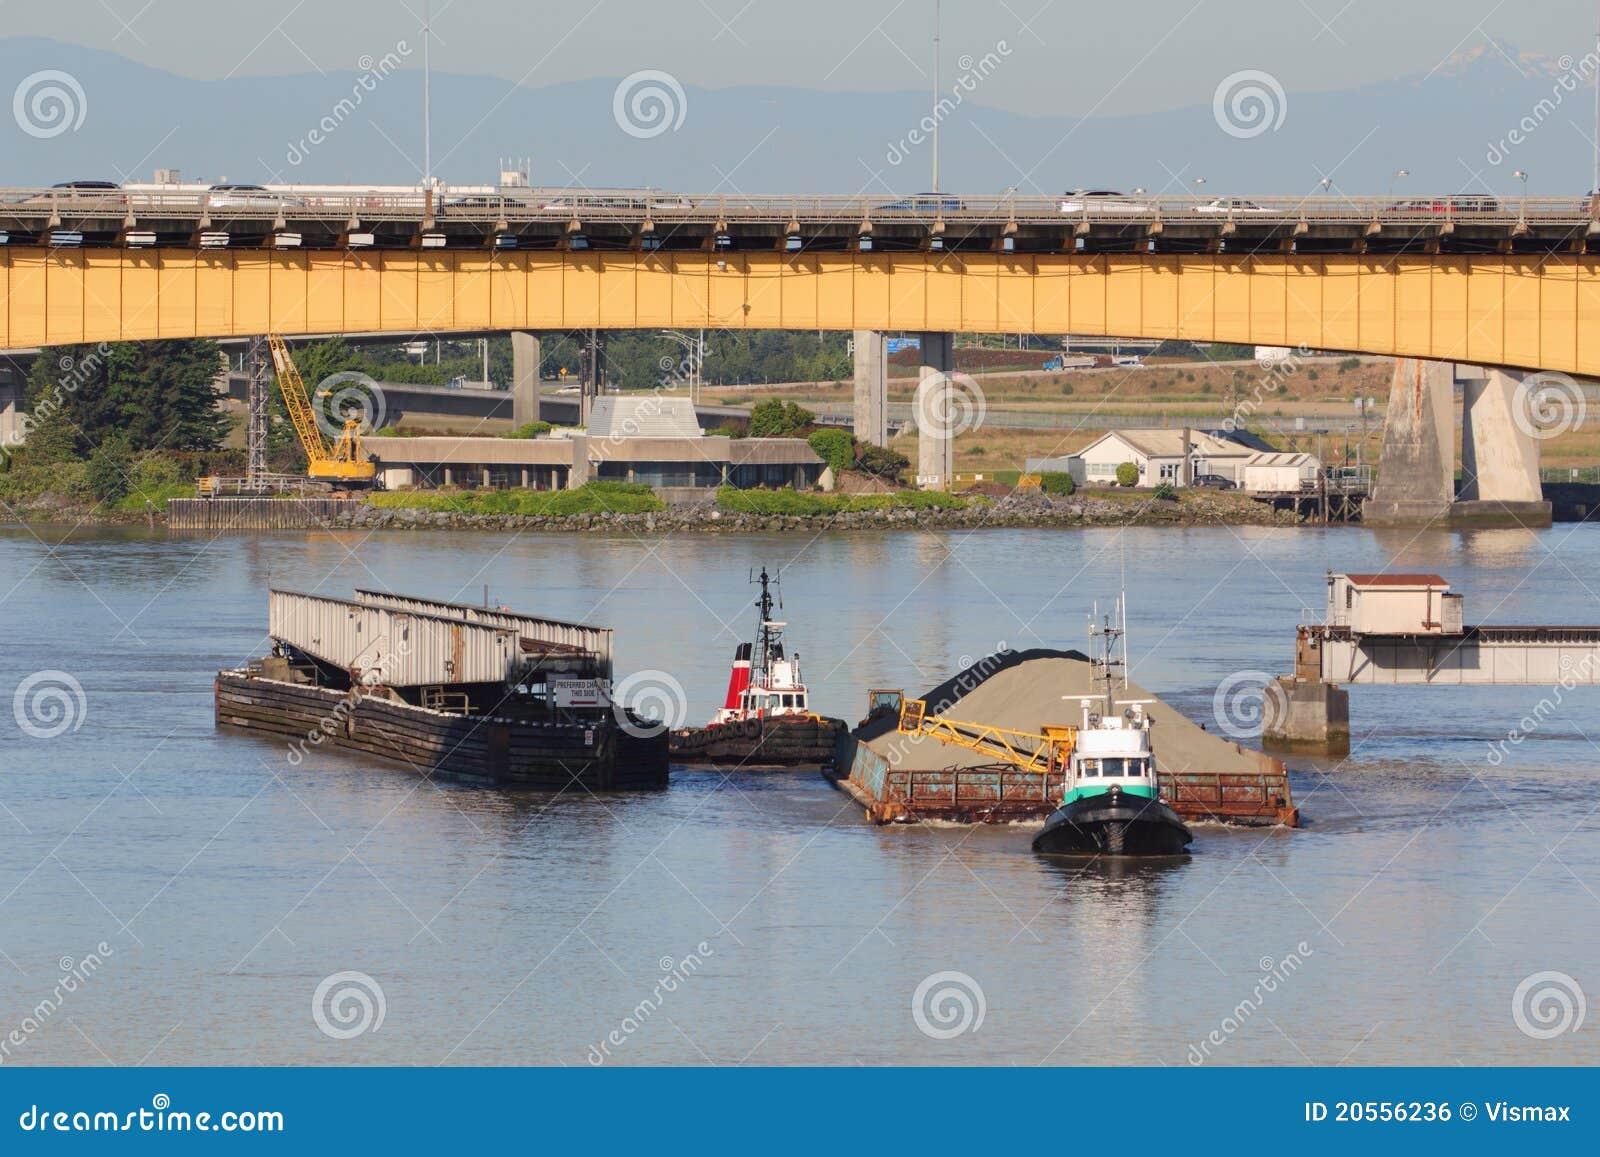 Rail Bridge Sand Barge Maneuvering Stock Photo - Image of